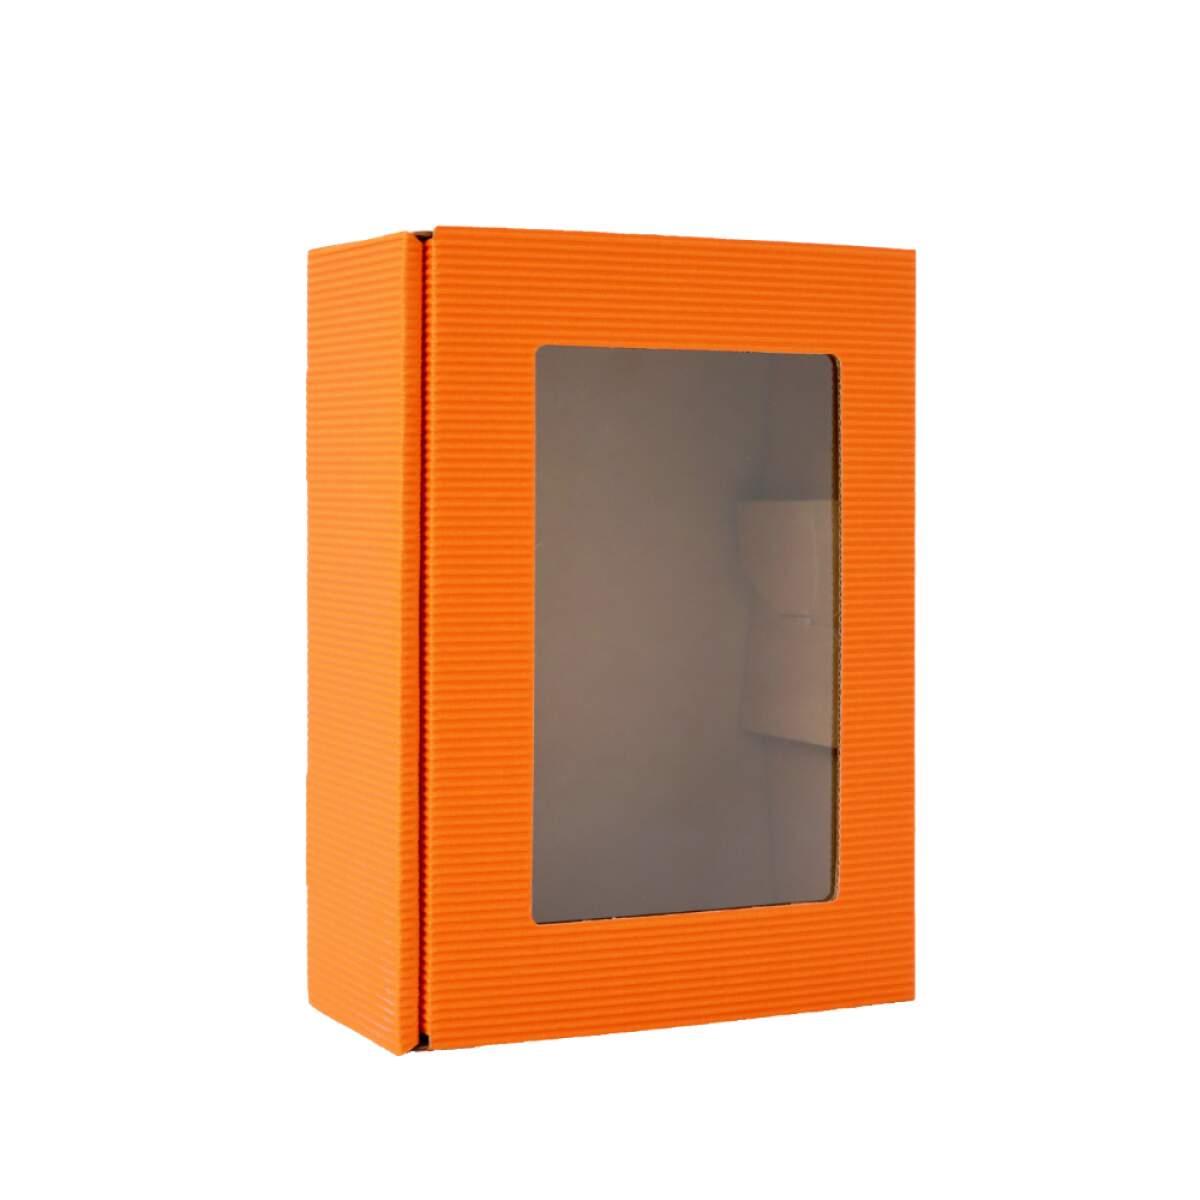 Box-Gr-M-m-Fenster-orange_2086_1000px